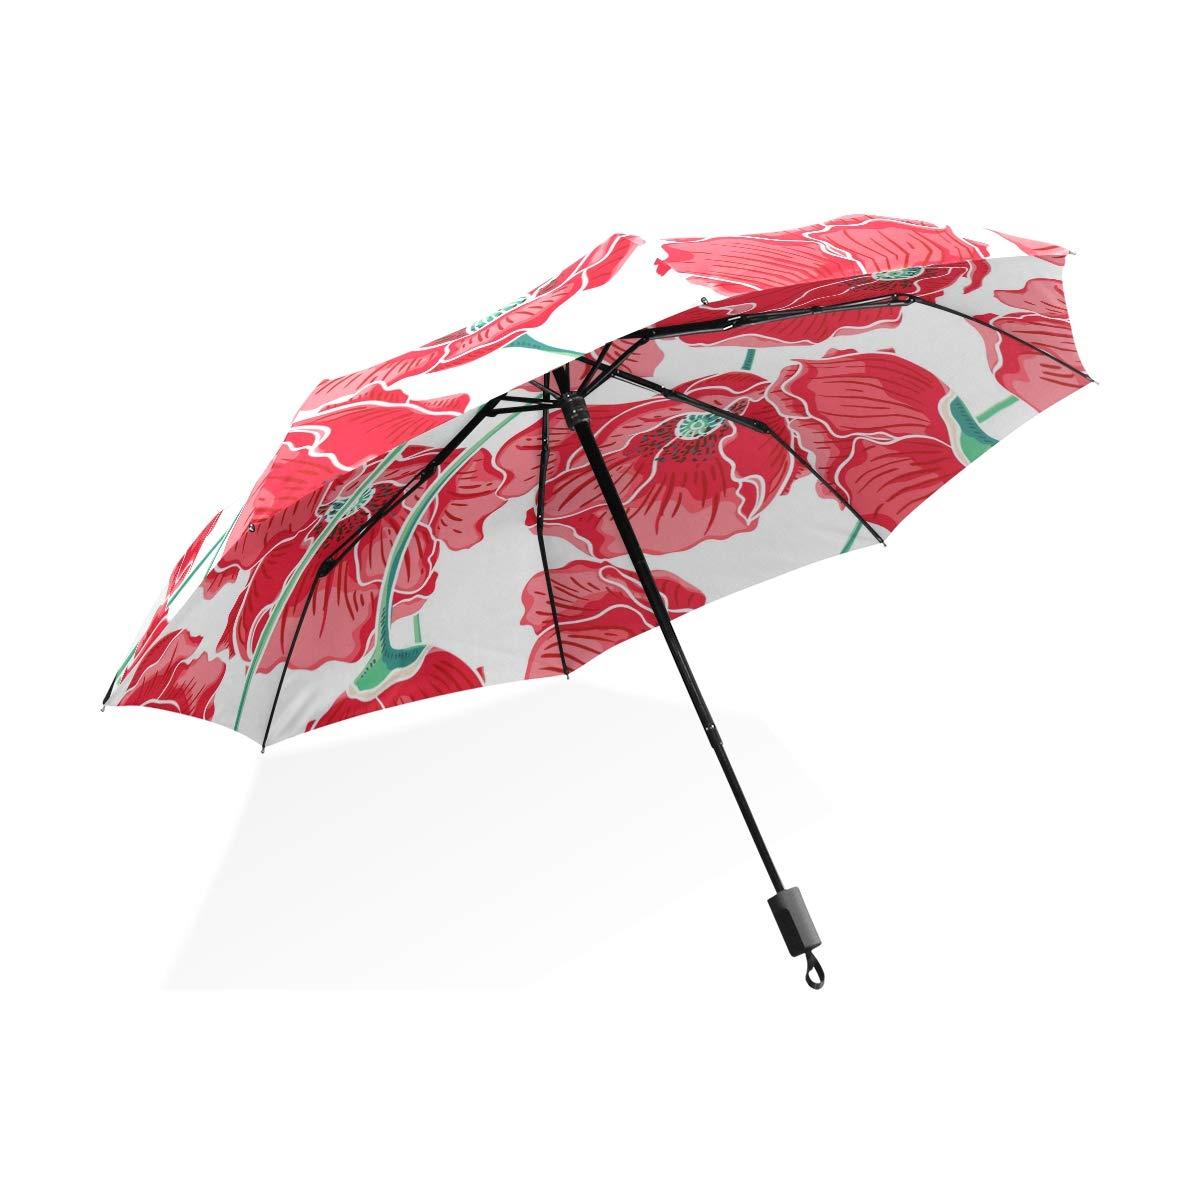 Isaoa Automatique Voyage Parapluie Pliable Compact Parapluie Rose Poppy Coupe-Vent Ultra léger Protection UV Parapluie pour Homme ou Femme